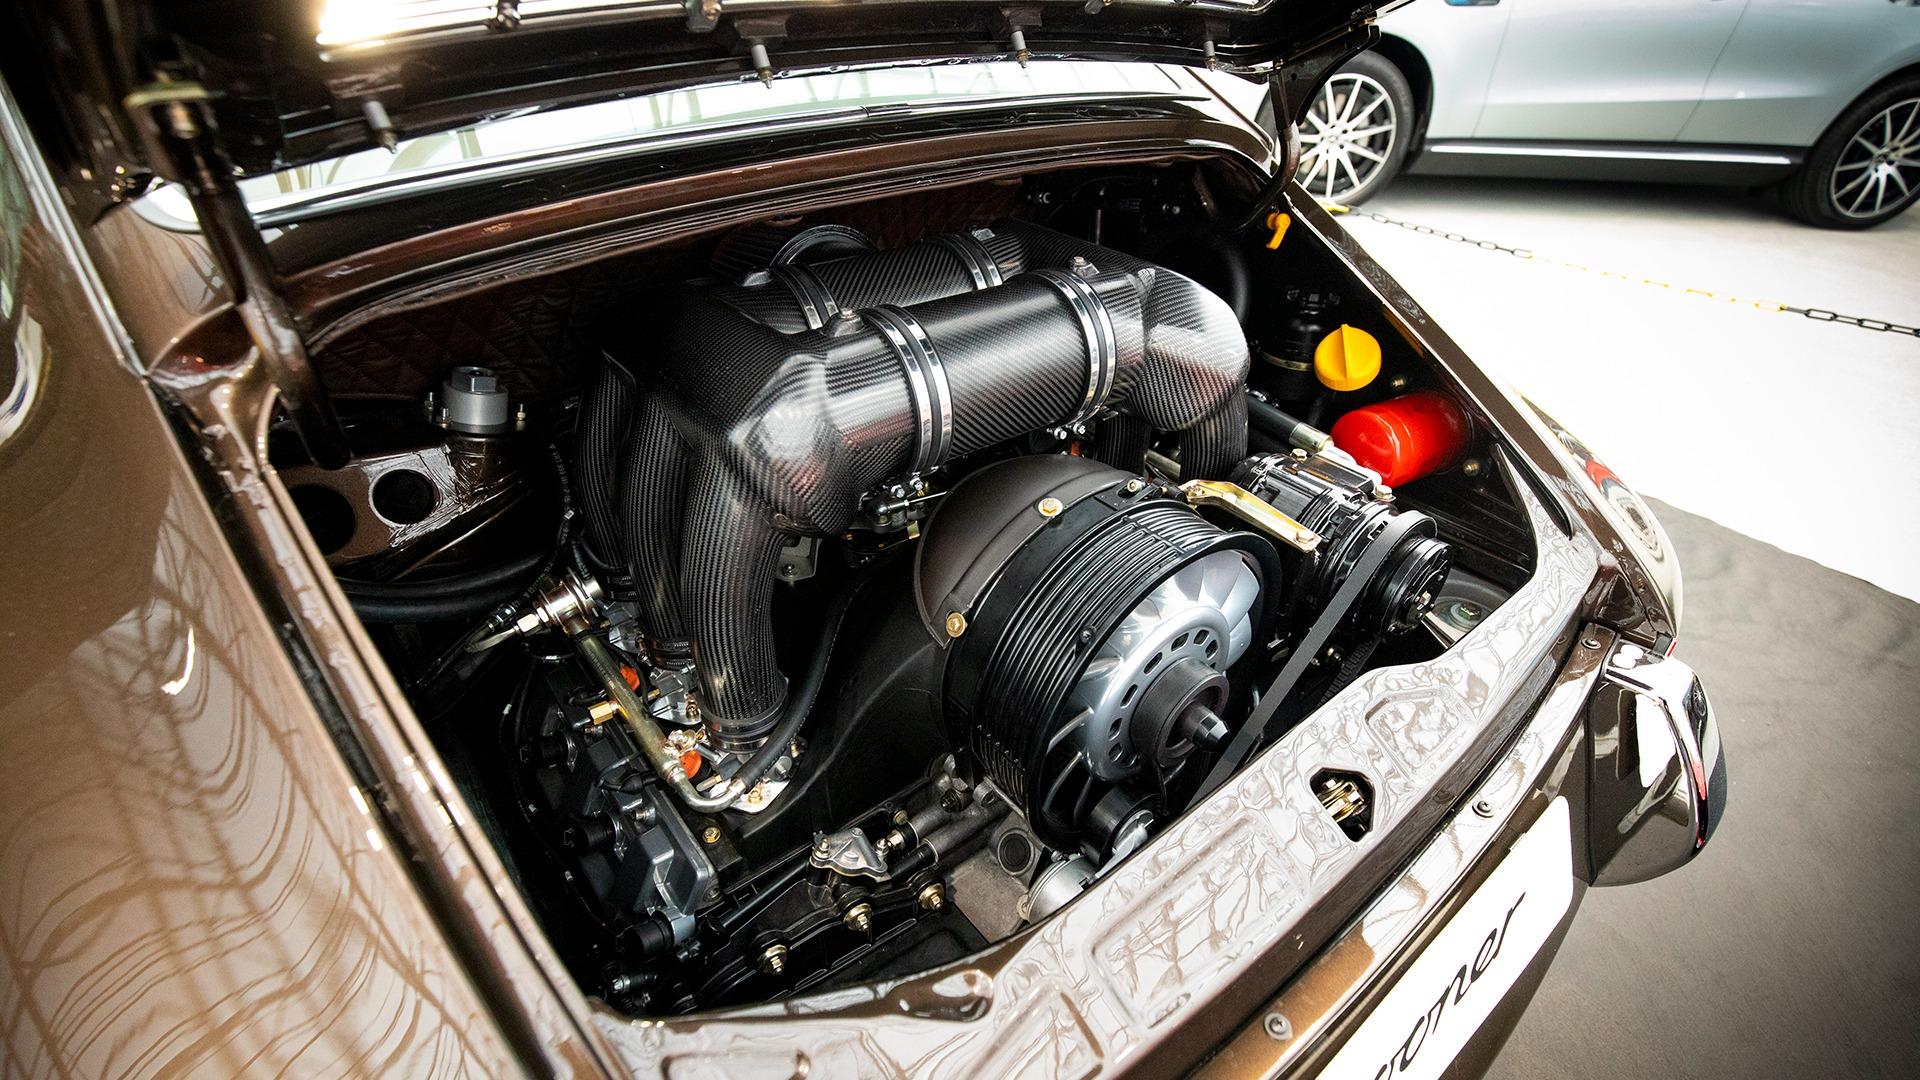 Sooner 11 er bygget på en 1992 Porsche 911 964. Bilen har blitt demontert i molekyler, for så å bli bygget opp igjen i en moderne stil.